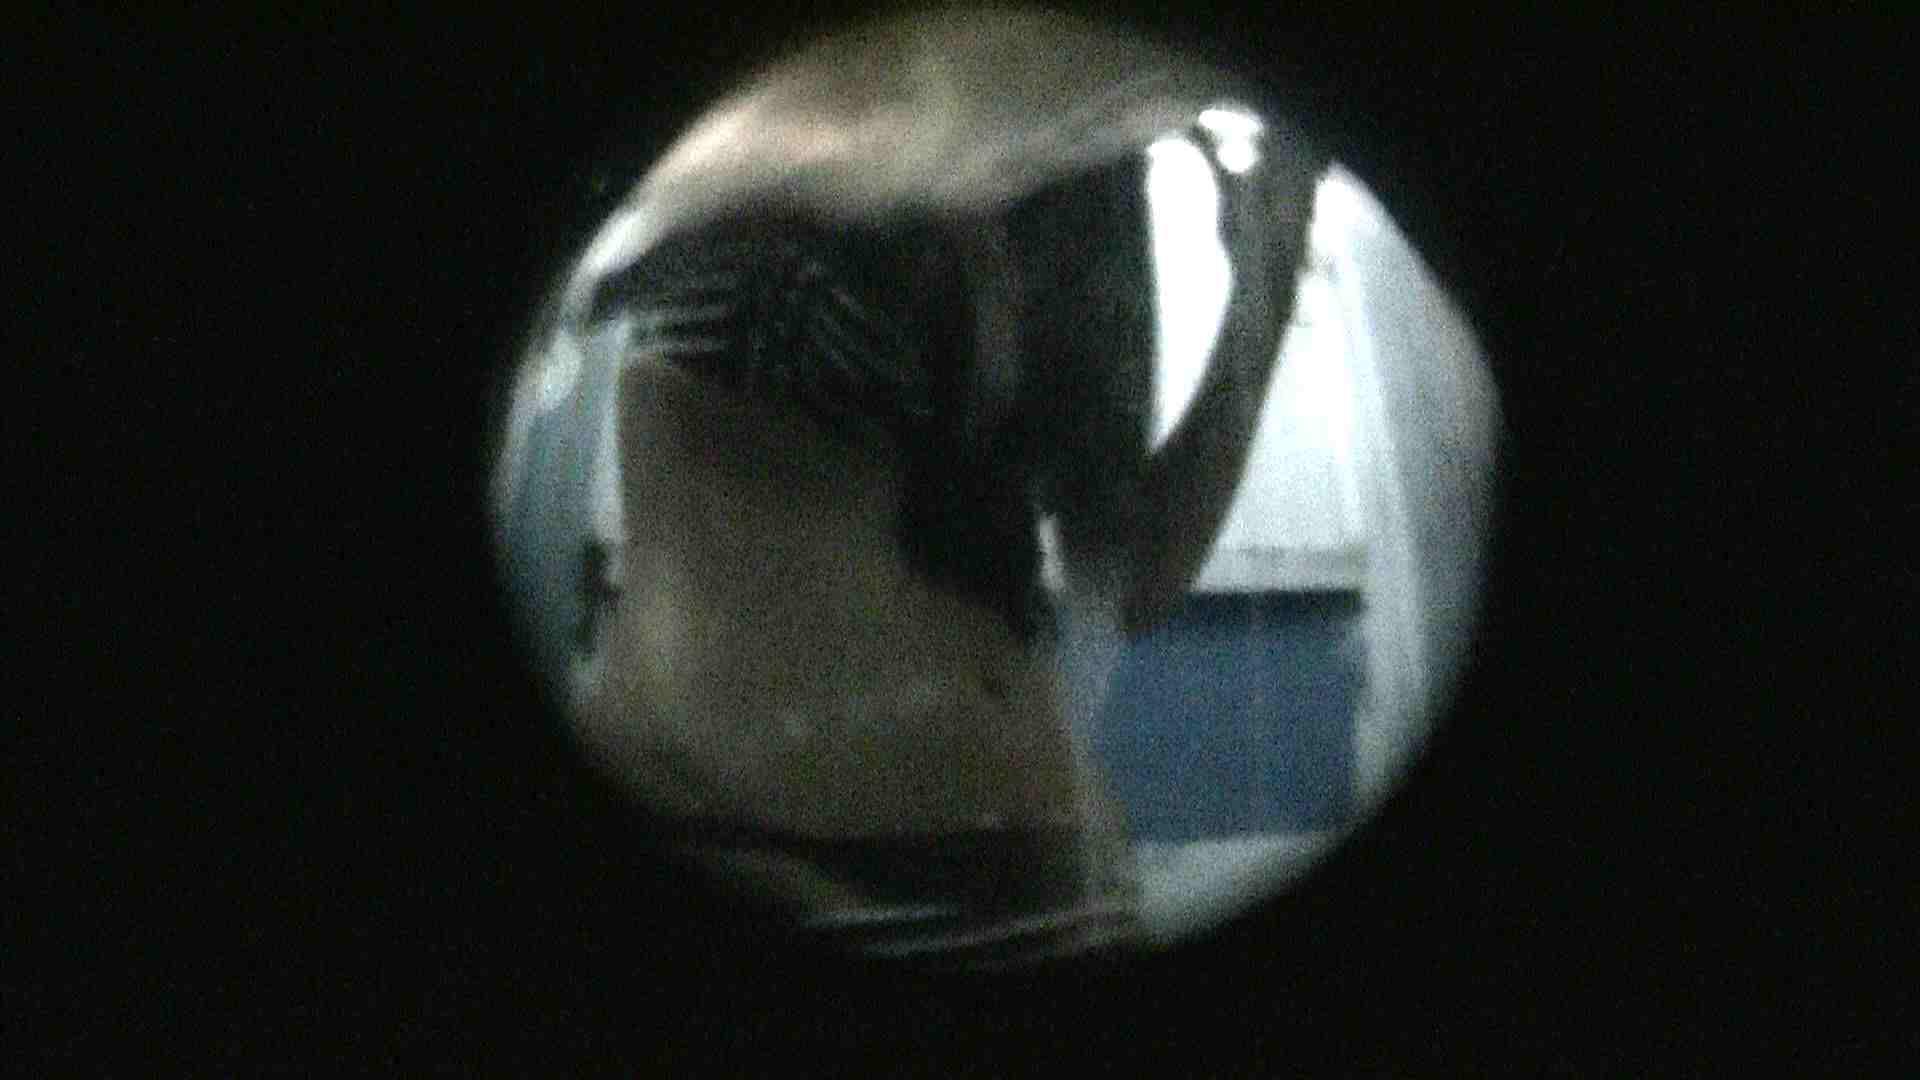 NO.13 暗いですが豪快な砂落としが好印象 シャワー室  89pic 28